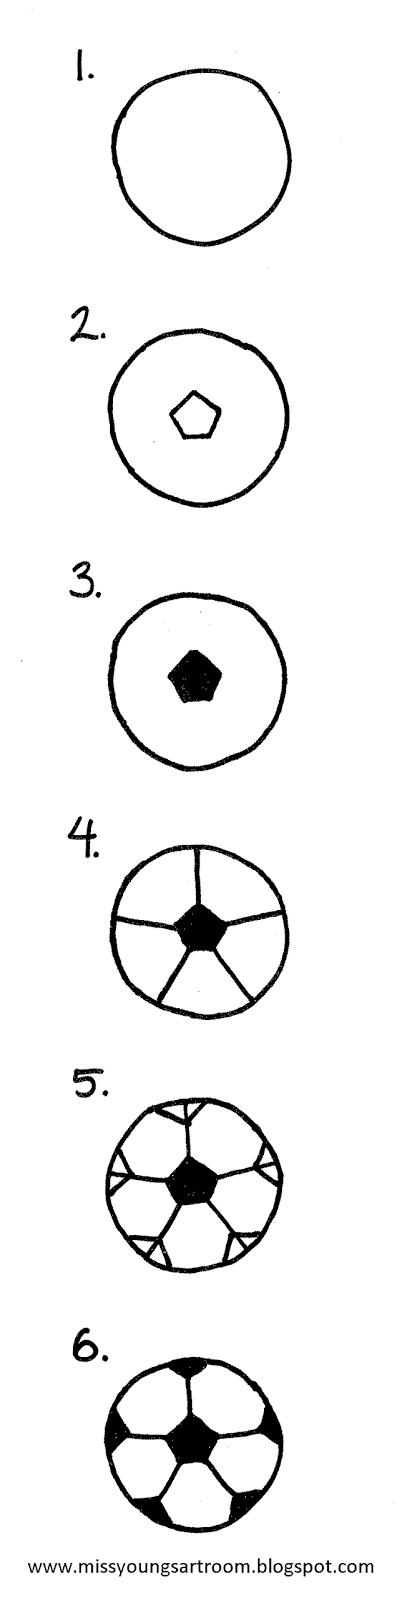 How To Draw A Soccer Ball | Çizimler, Desenler, Futbol